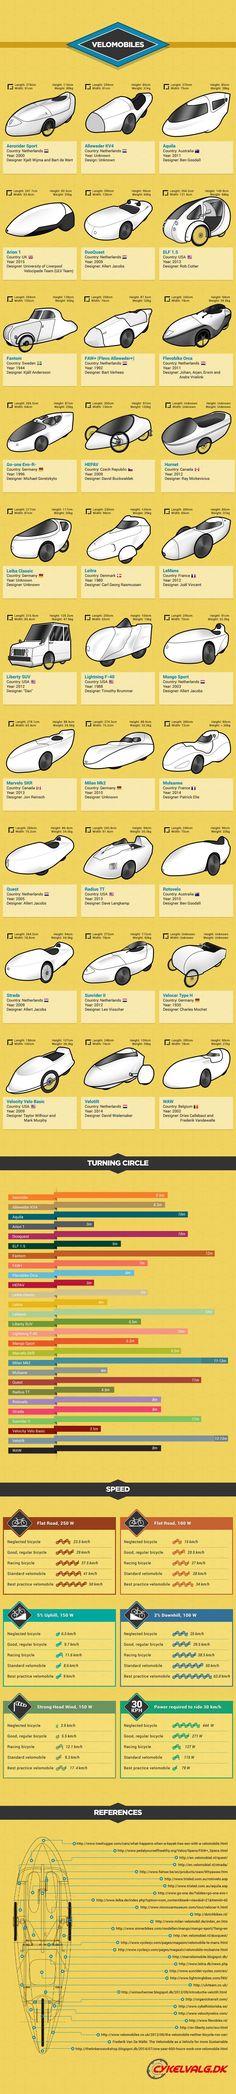 De fleste kabinecykler har en strømlinet afskærmning der gør, at du kan køre meget hurtigere i en kabinecykel end på en almindelig cykel. Træder du stille og roligt derud af med 100 watt, så kan du på en almindelig cykel … Read More